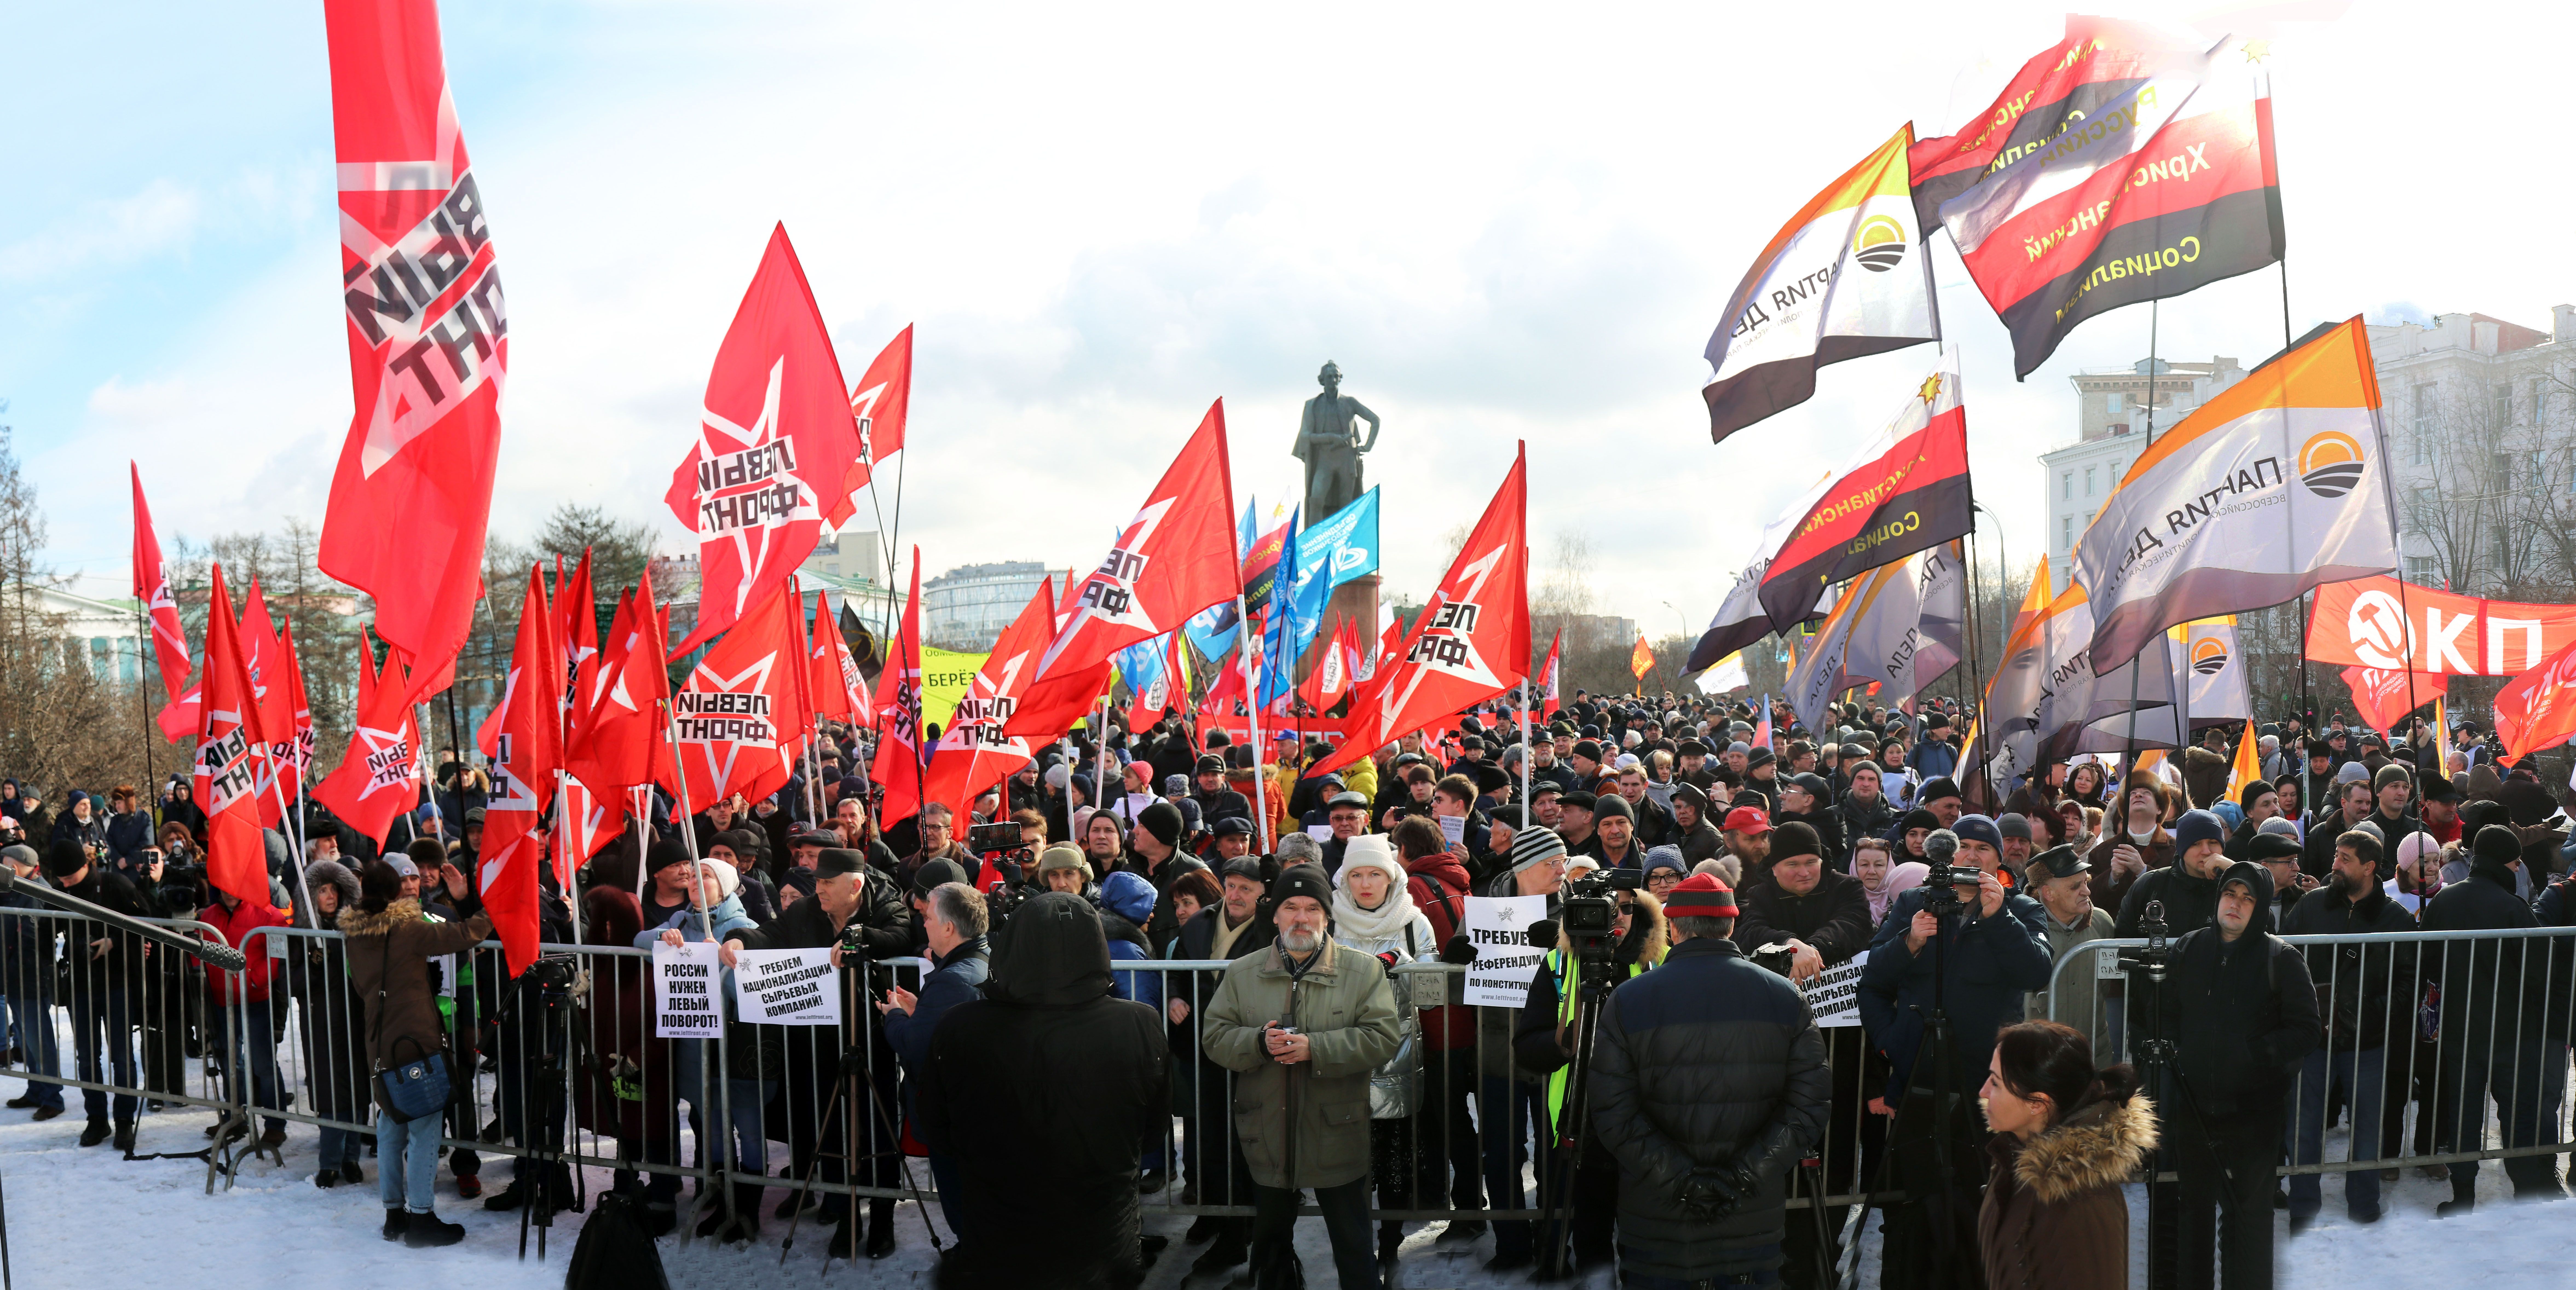 Митинг за референдум по поправкам в Конституцию.15 февраля 2020. 1 часть